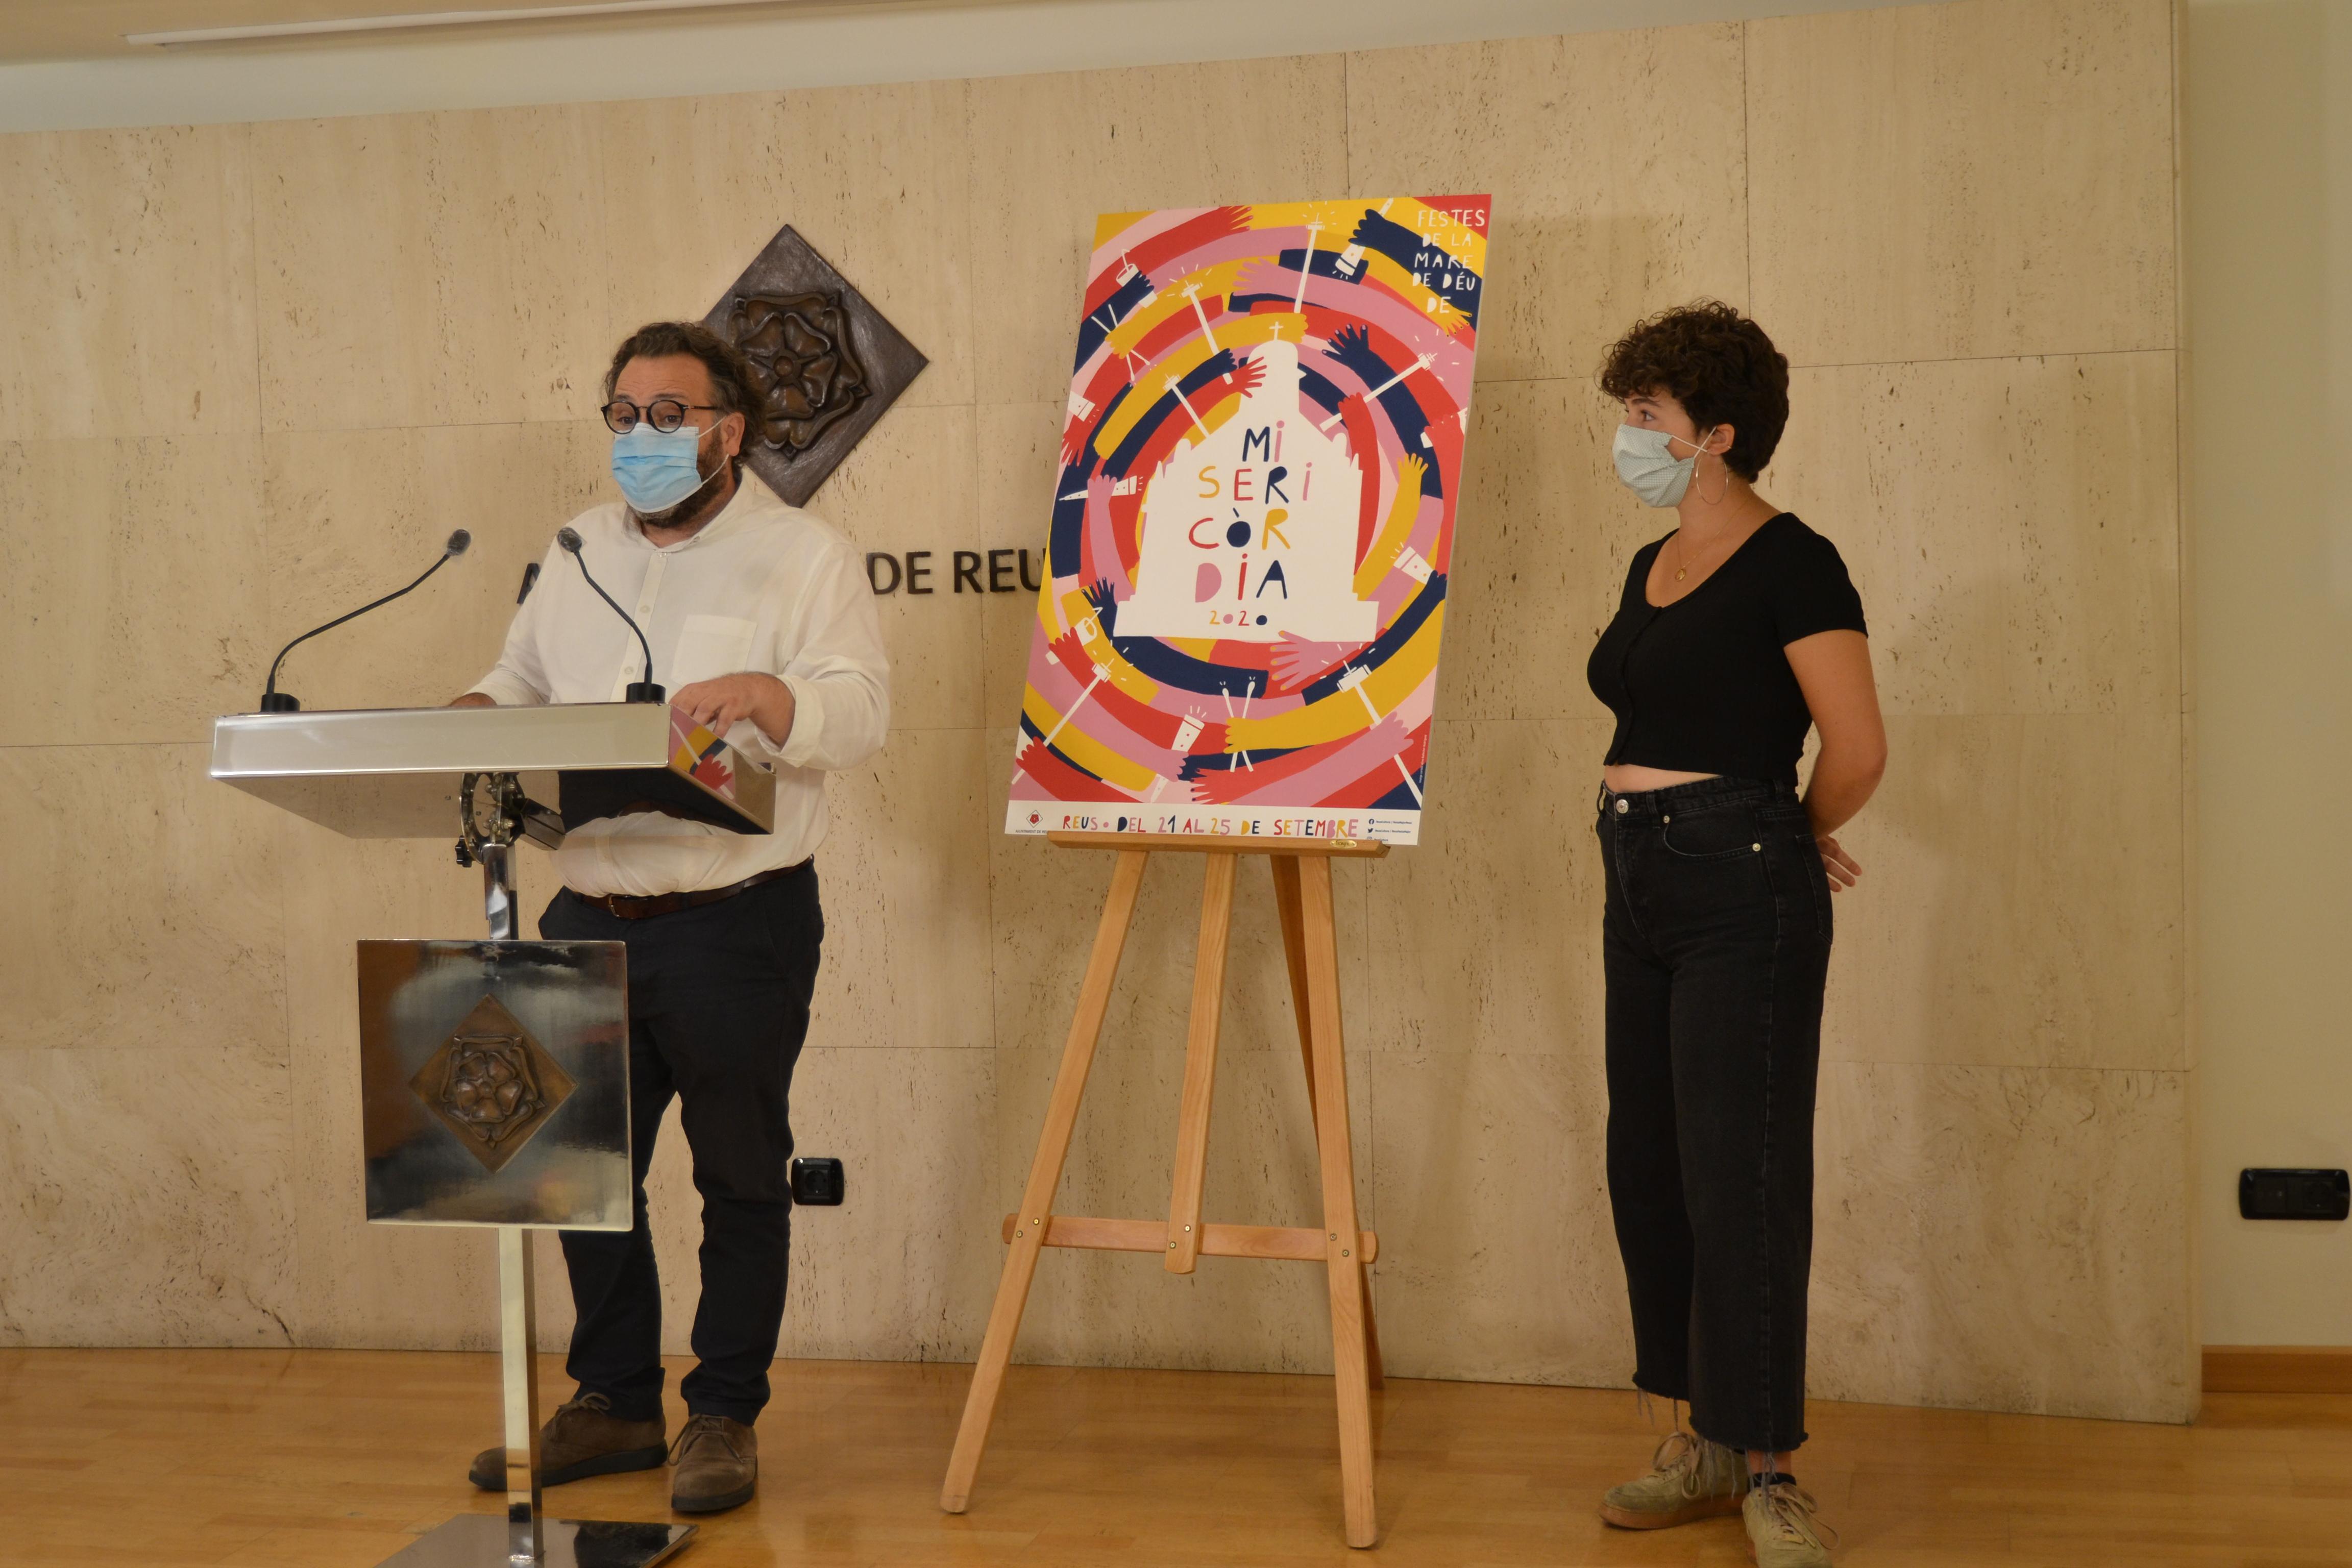 La regidoria de Cultura de l'Ajuntament de Reus ha presentat les noves línies de programació de les Festes de la Mare de Déu de Miseri...